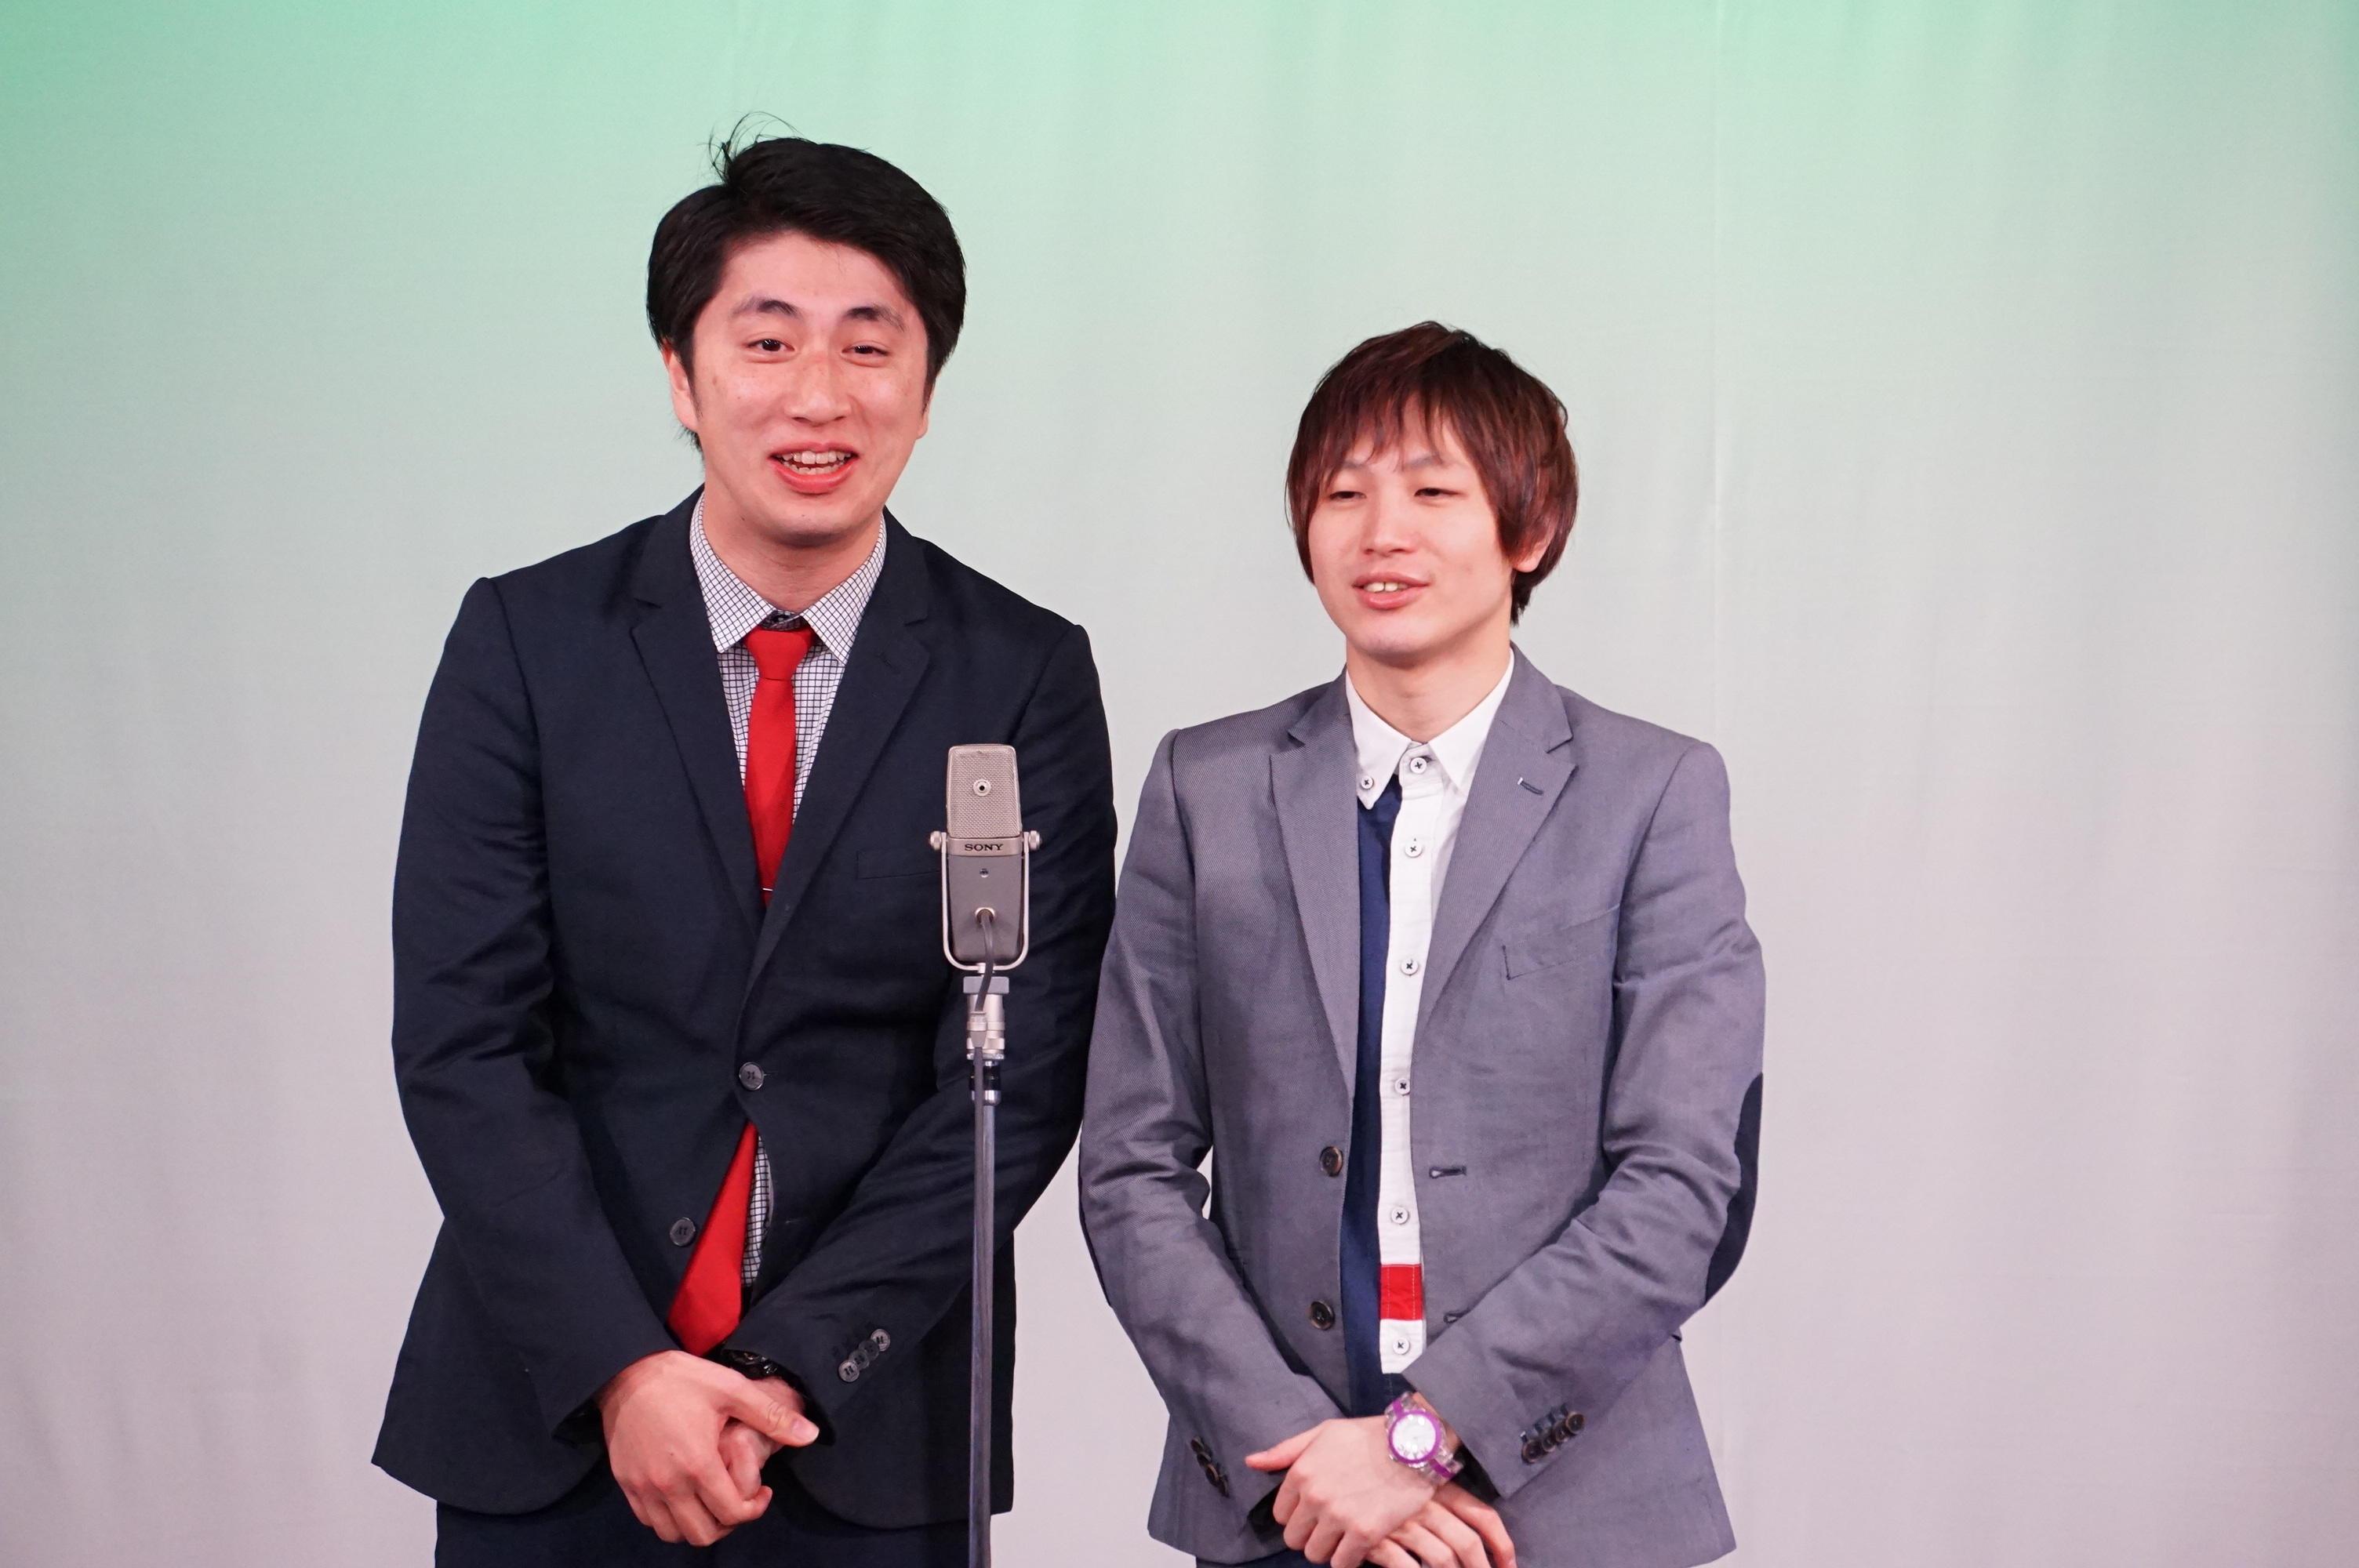 http://news.yoshimoto.co.jp/20161028190259-d7f4bed0cfd3f45917ef154fd6db7b28f807a73e.jpg